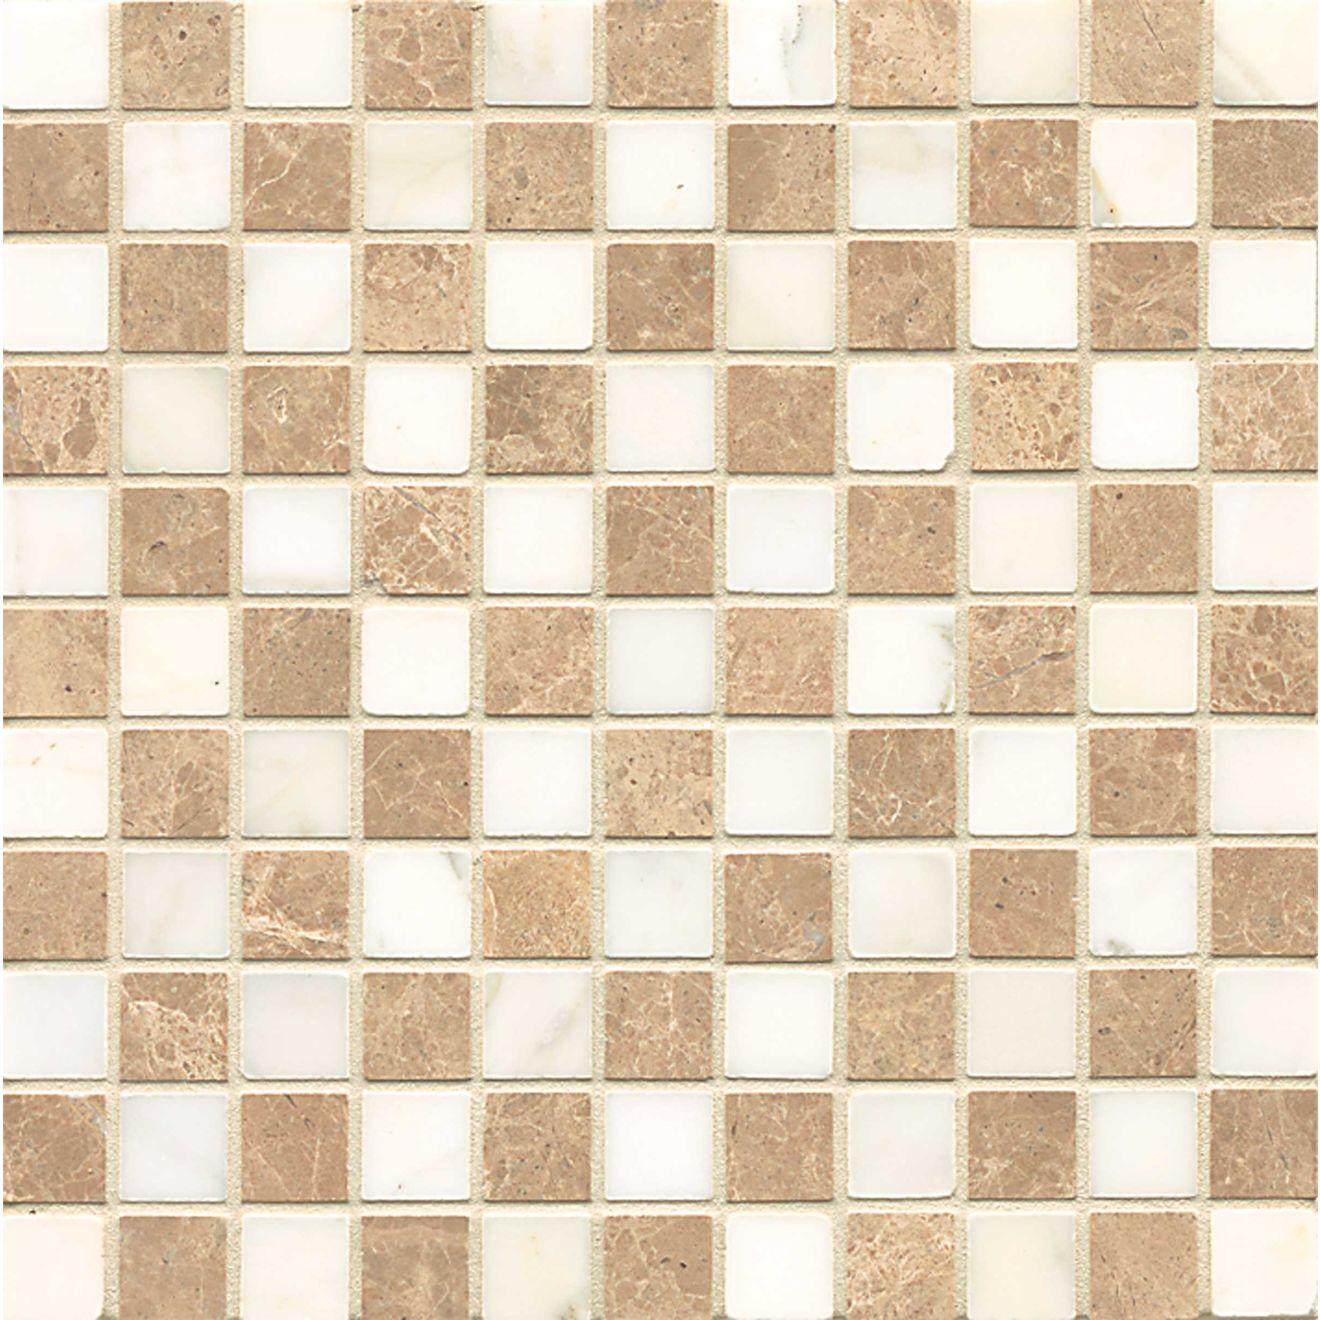 1X1 Chks Mosaic-Viburnum/Calacatta